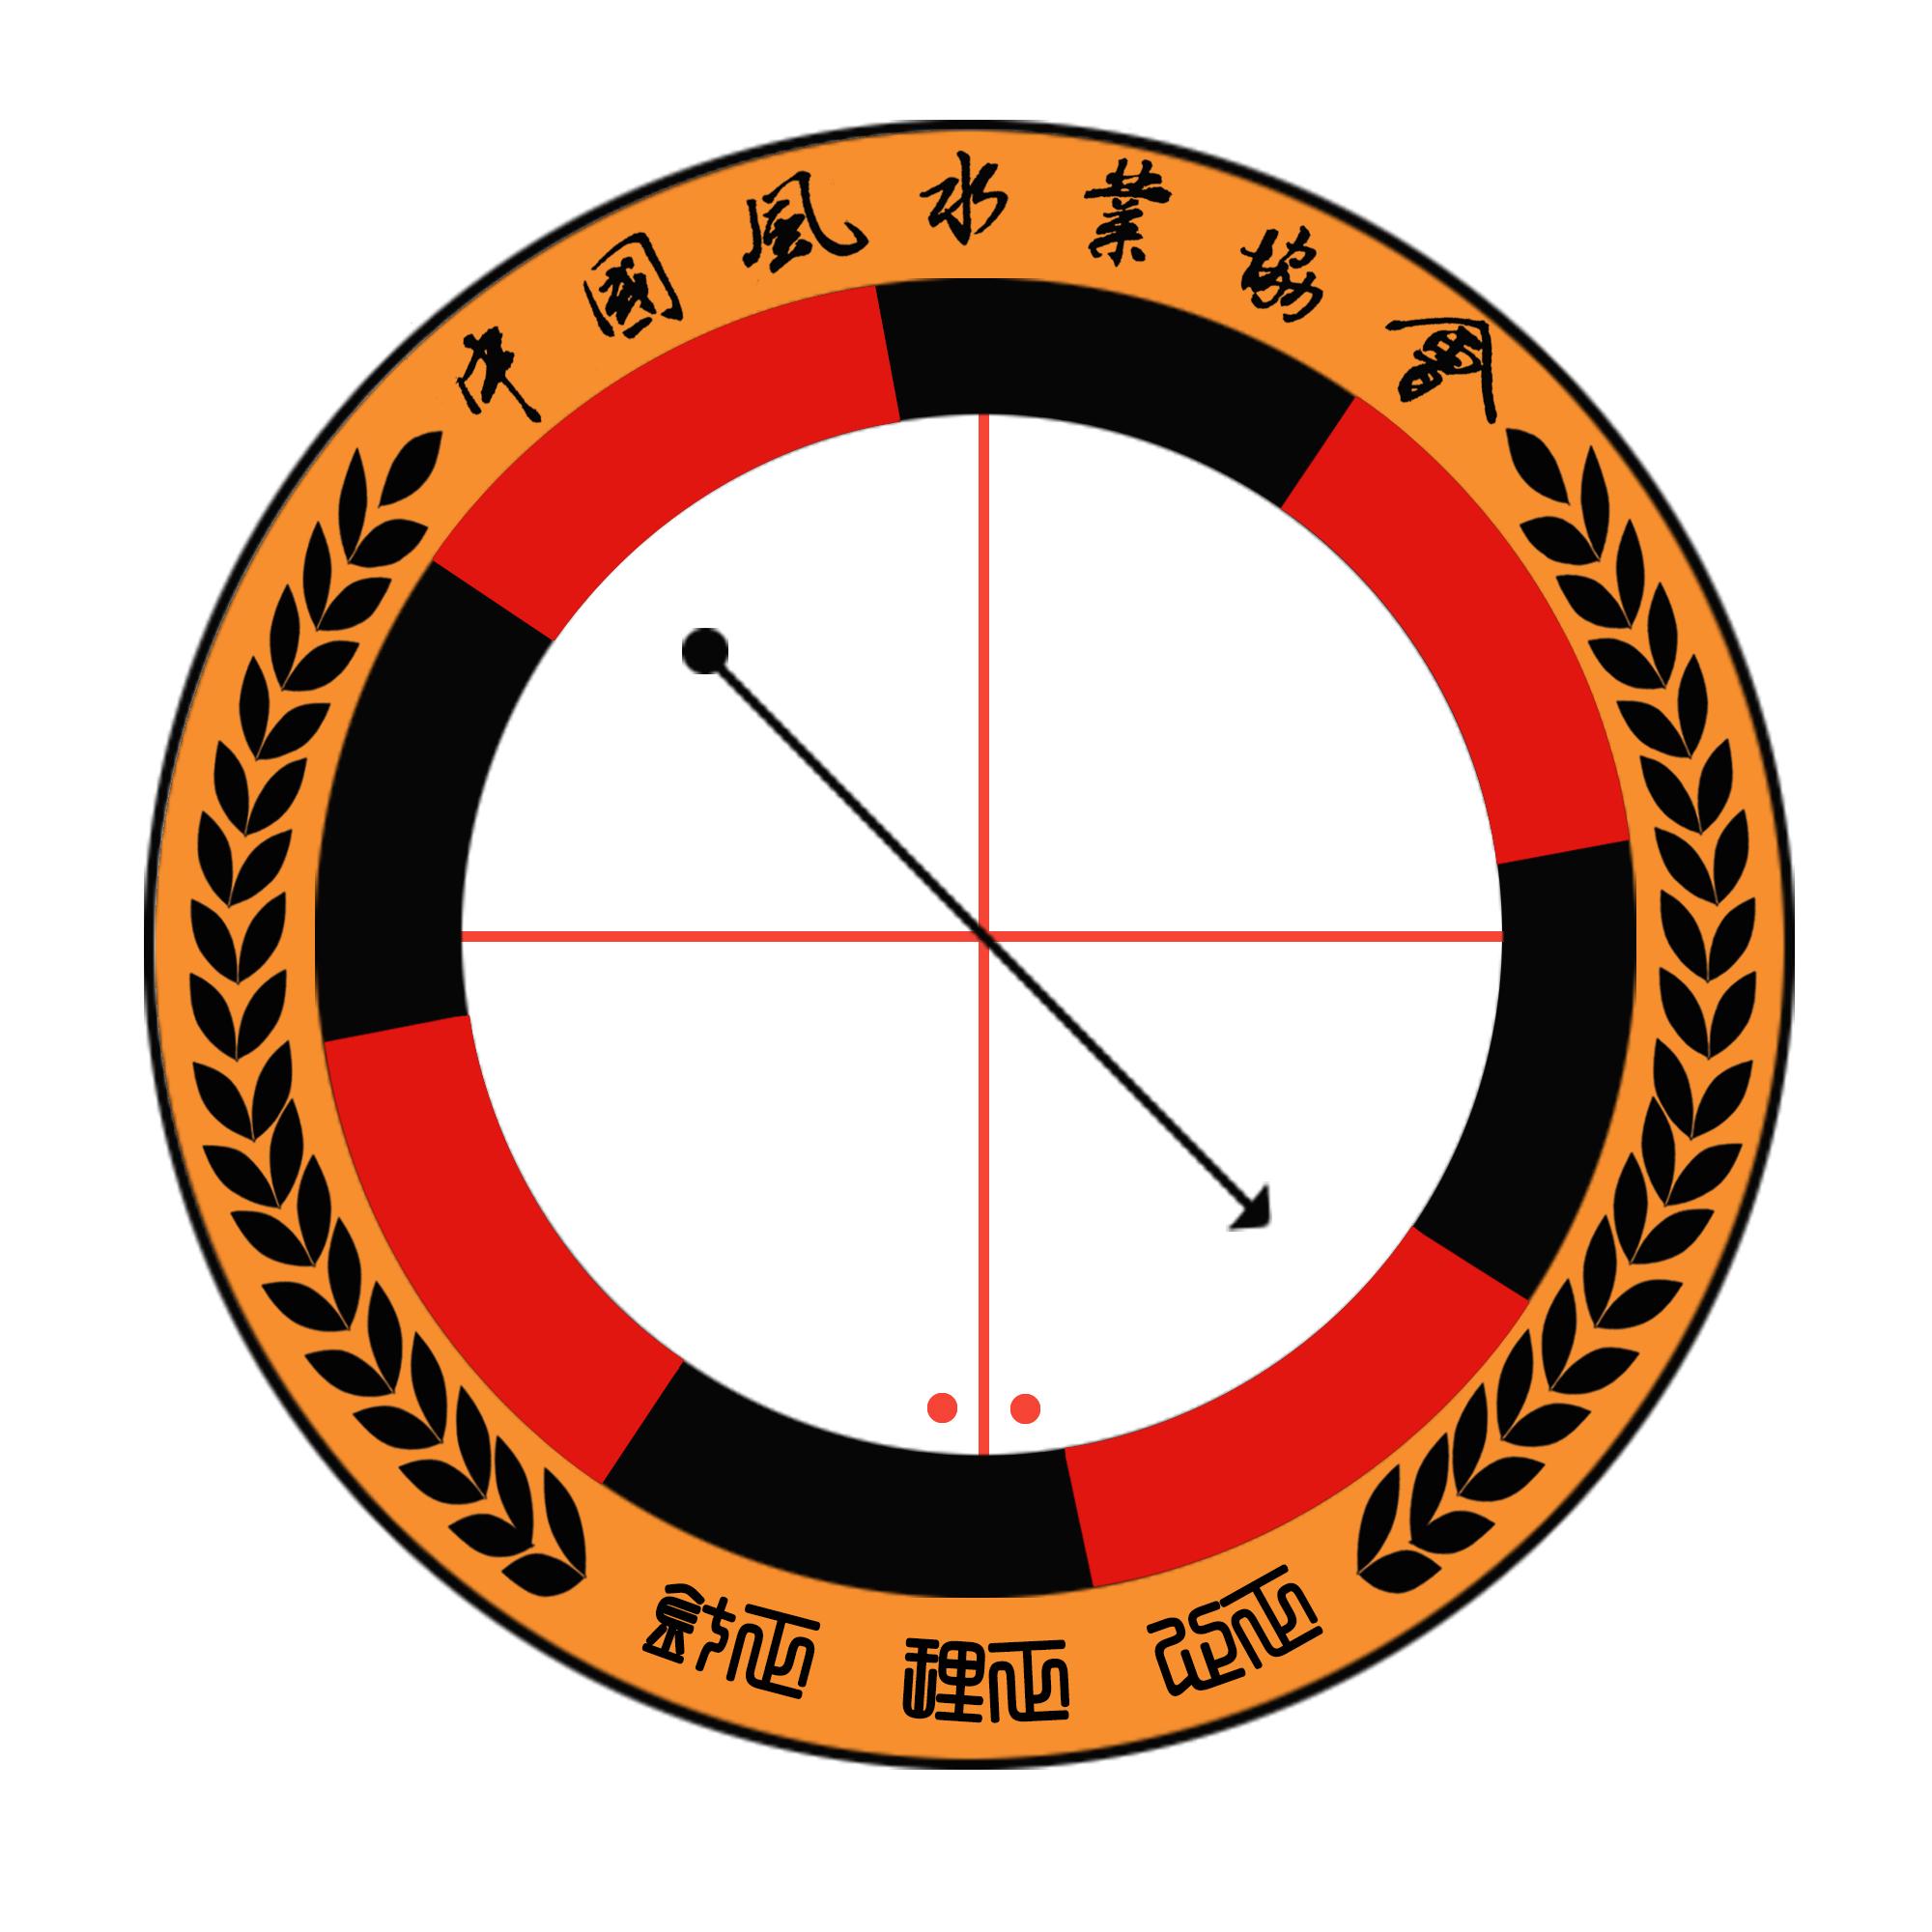 中华优秀传统文化传承发展硕果累累